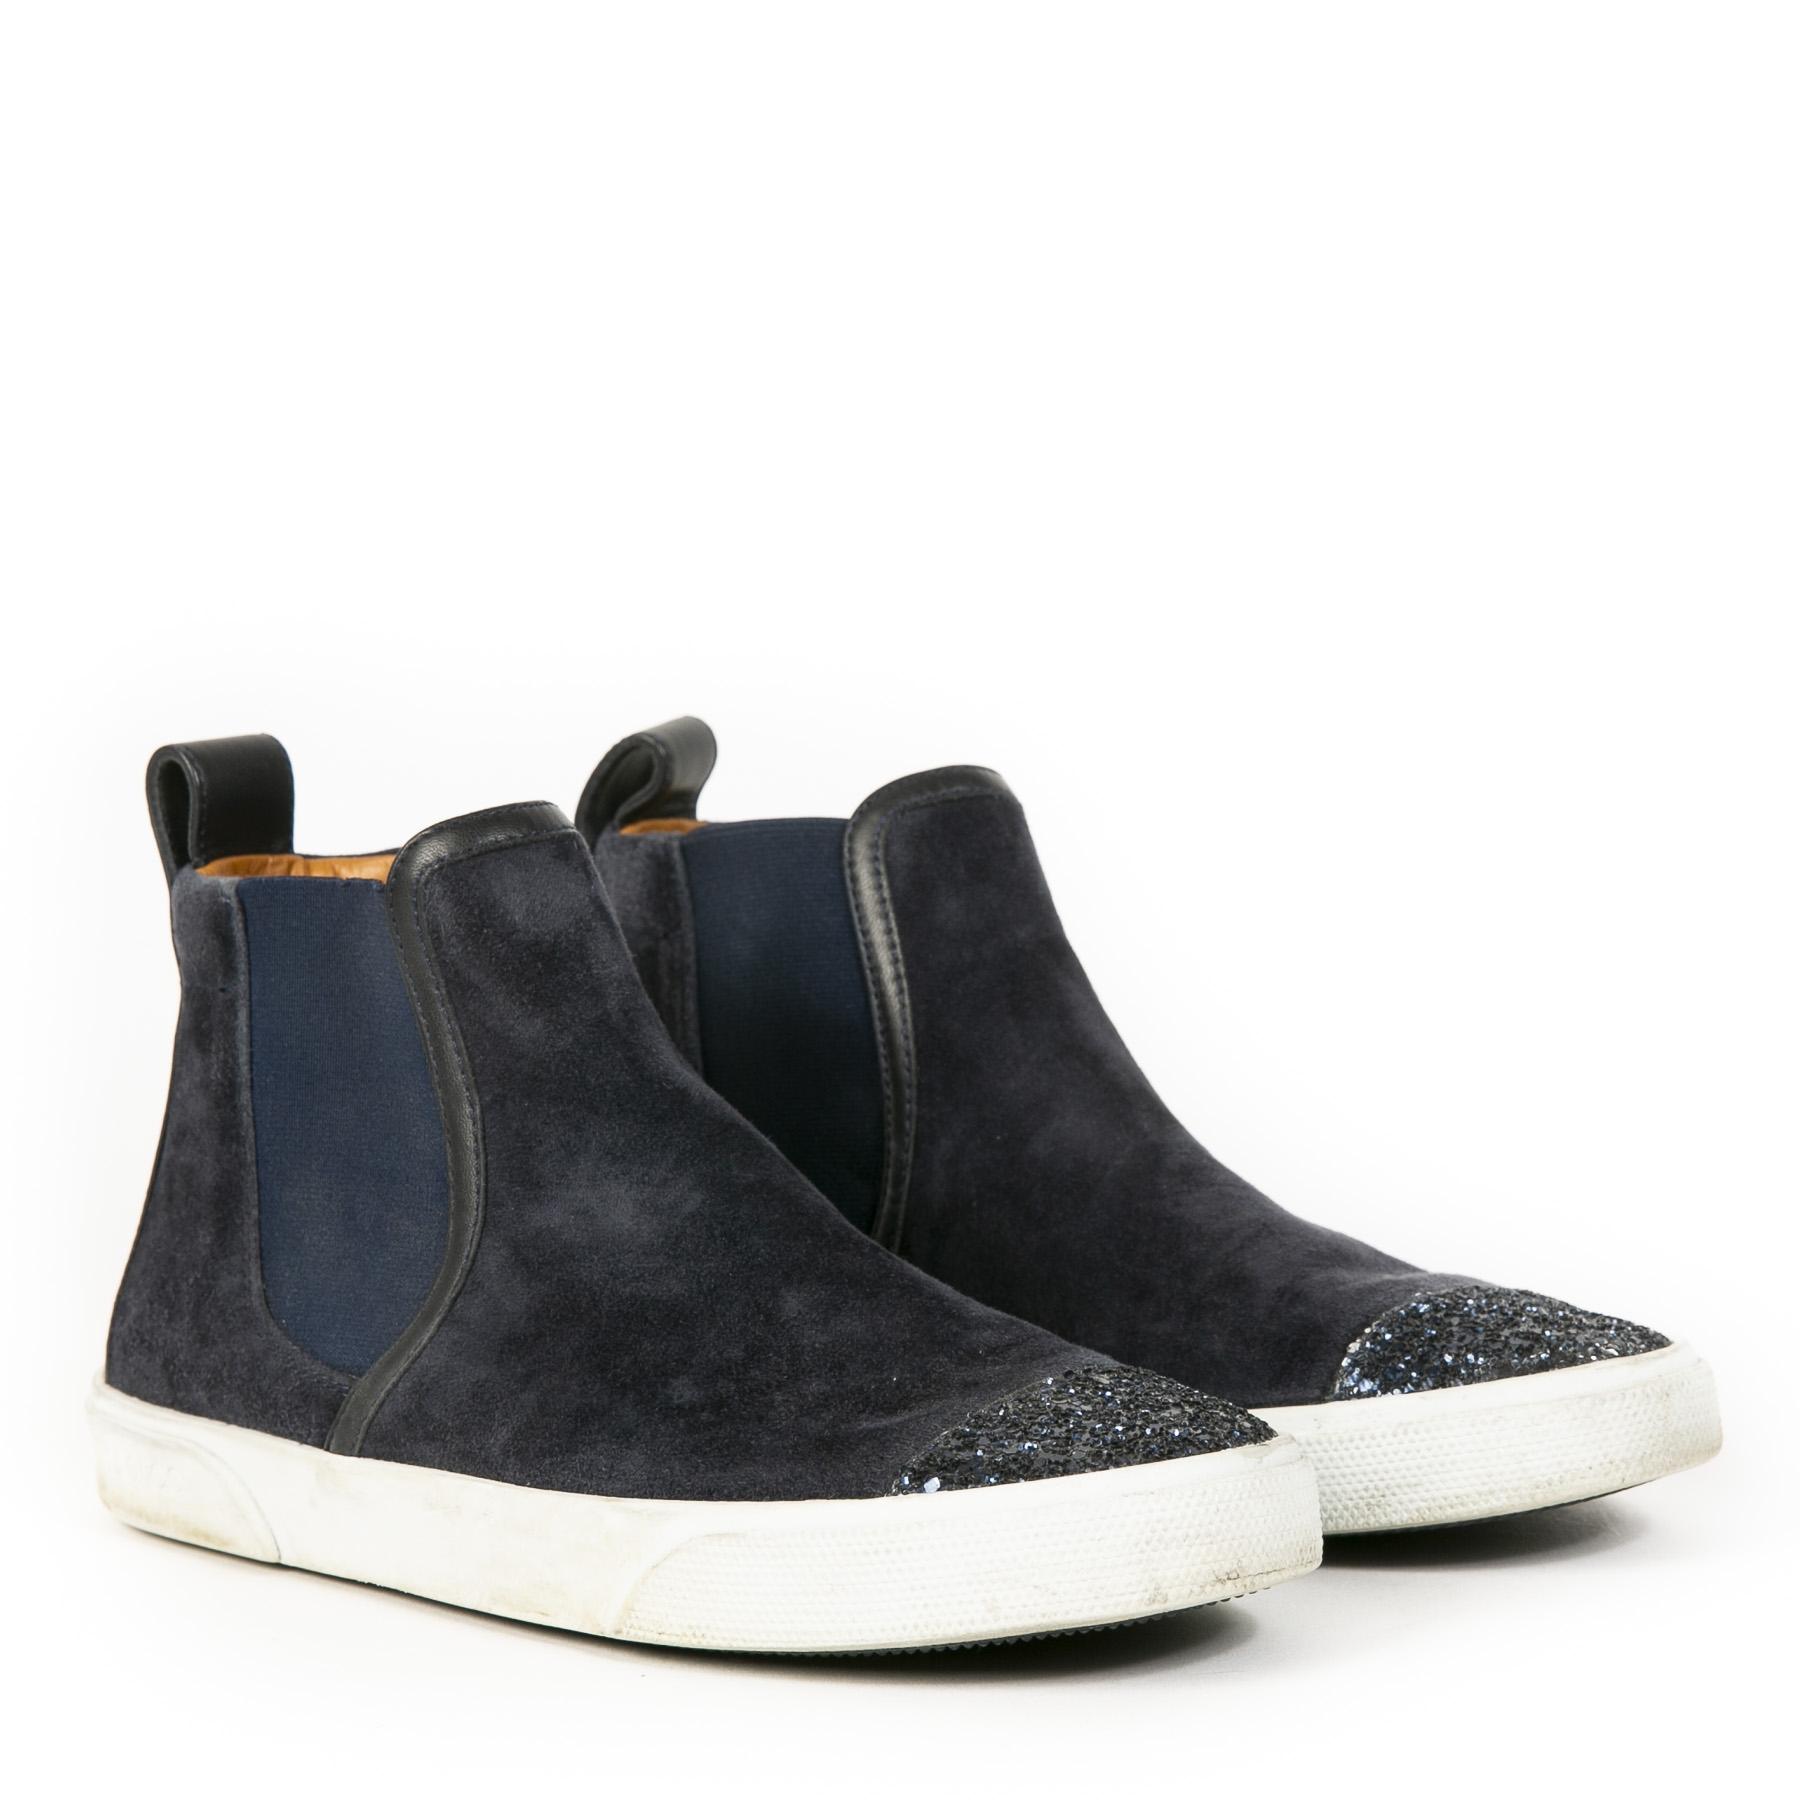 Jimmy Choo Della Blue Sneakers - Size 38